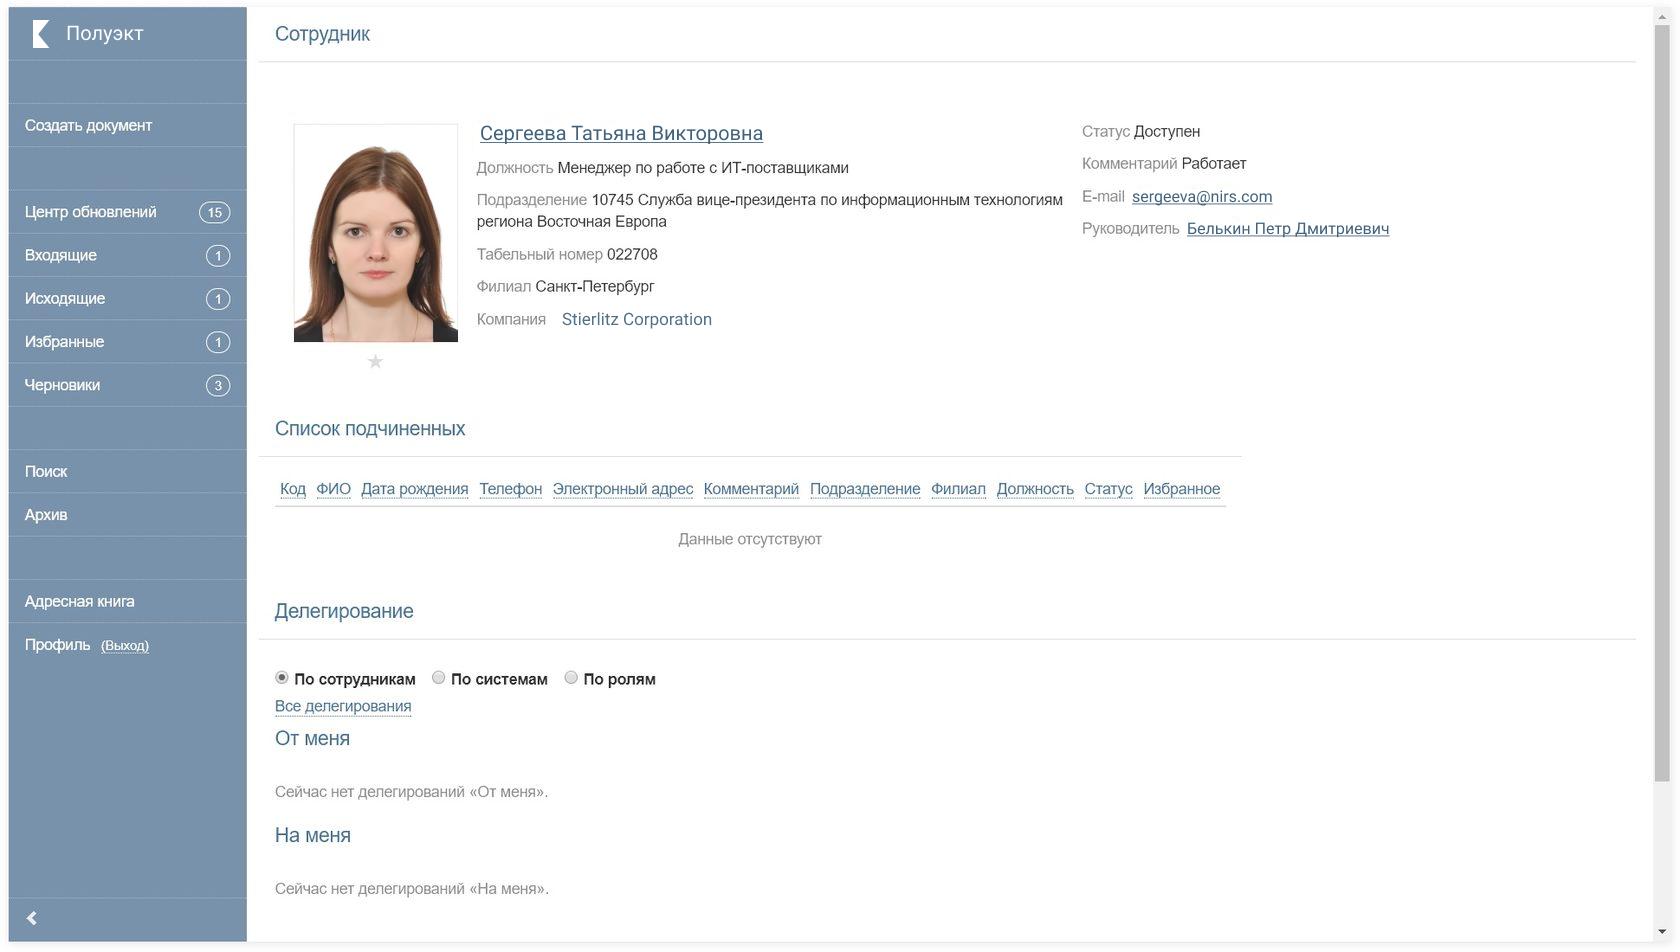 Первичное представление карточки сотрудника   SobakaPav.ru